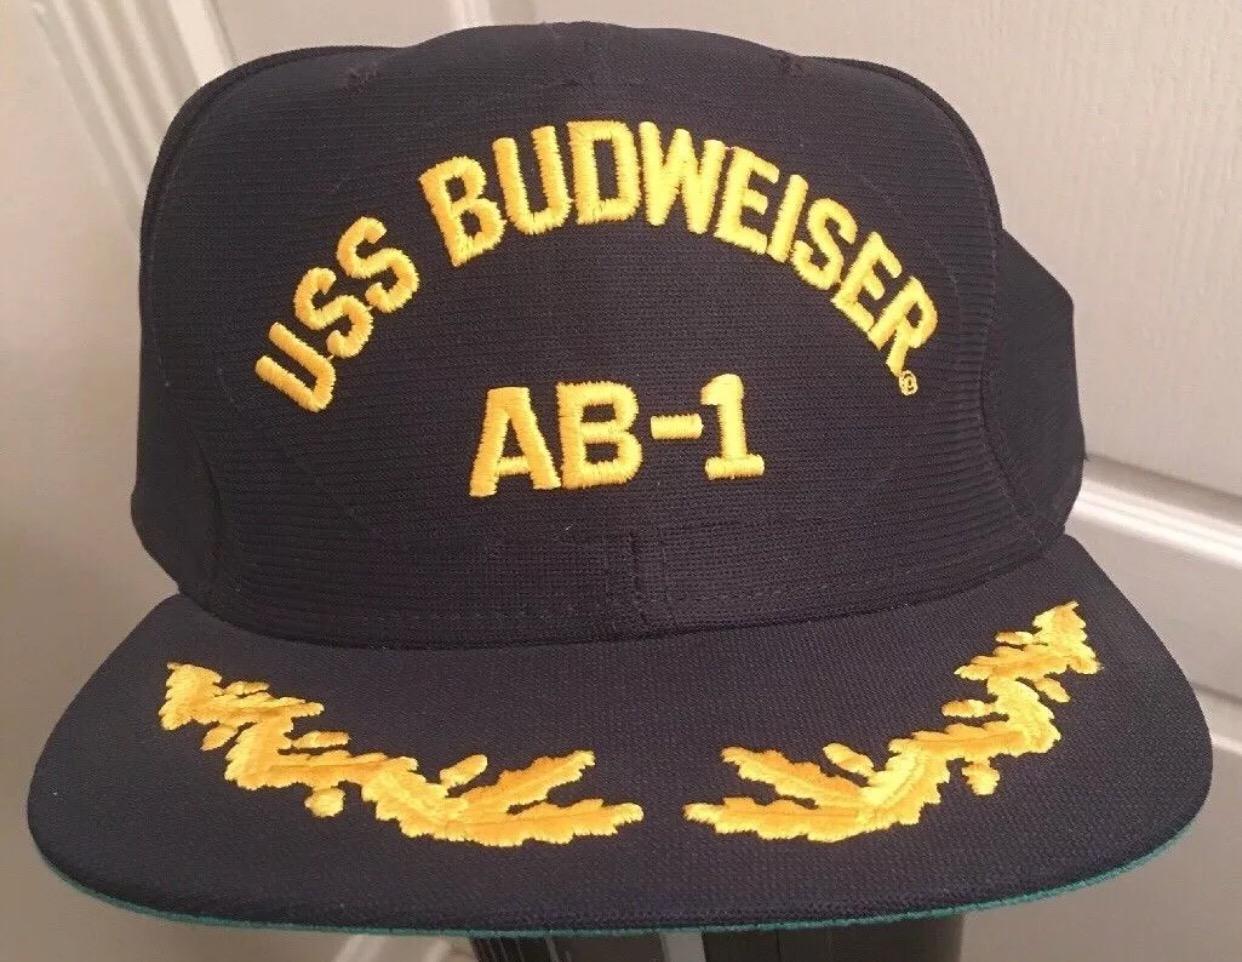 4944f6c1d8b New Era. Vintage New Era USS Budweiser Black   Yellow Navy Style SnapBack  Cap Hat